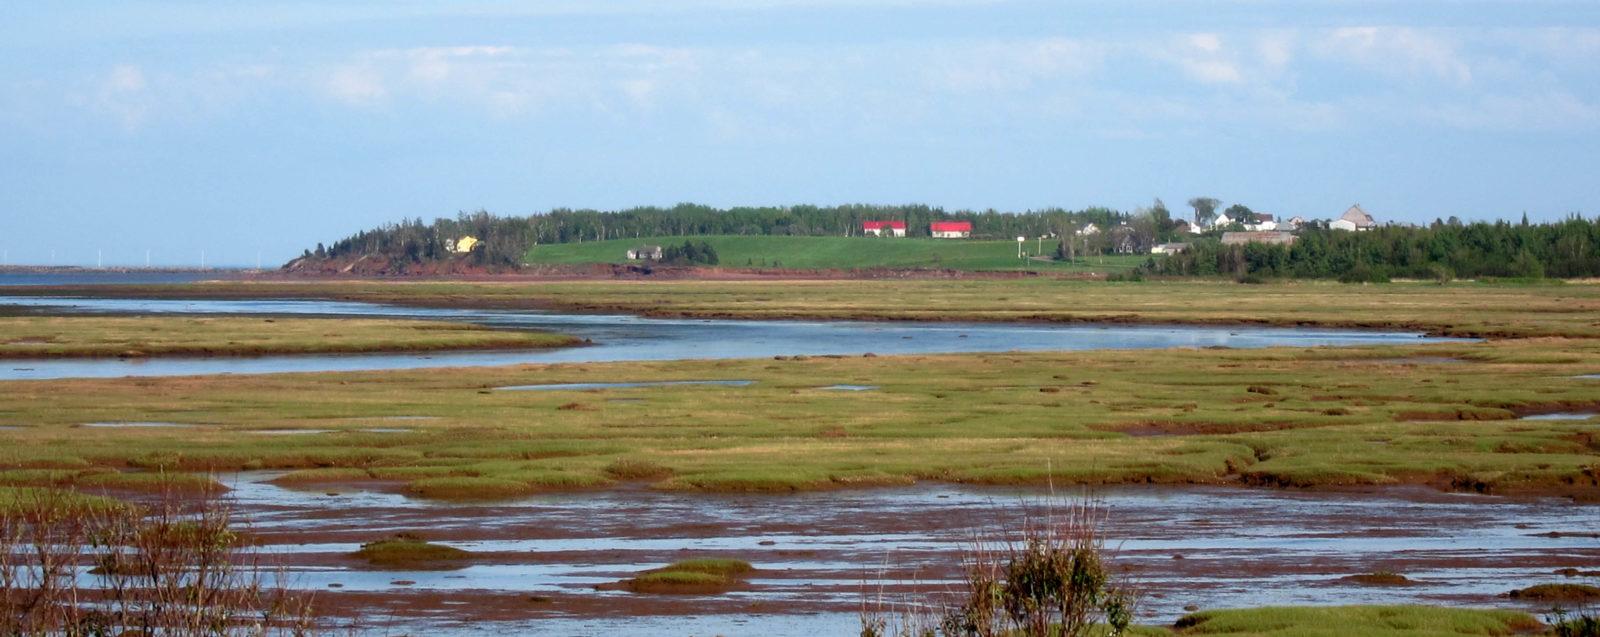 PEI seaside landscape